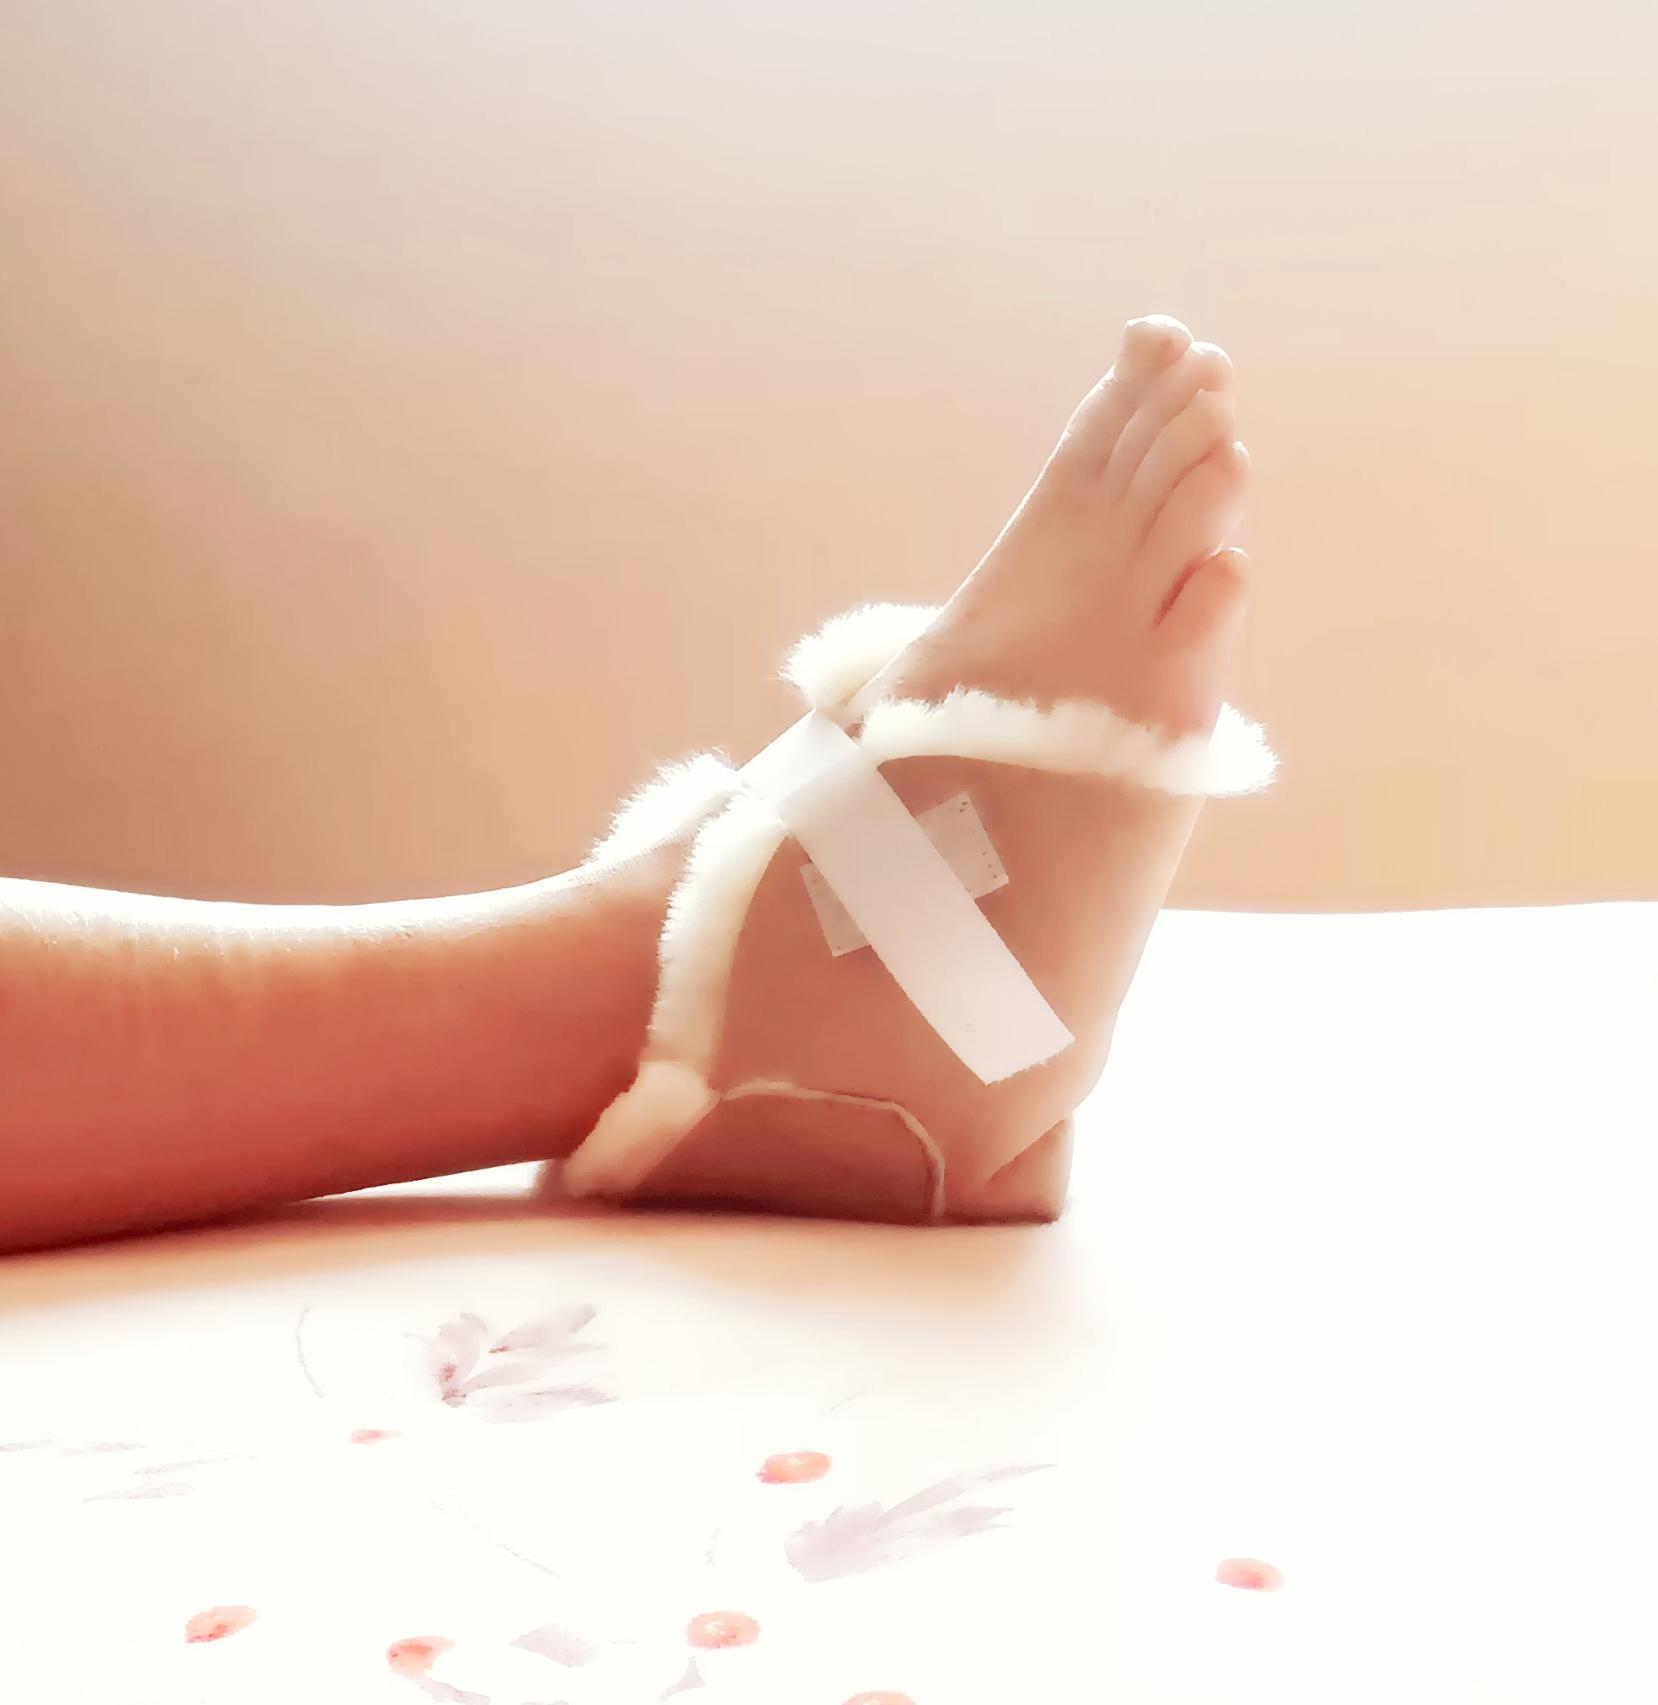 Kenley Sheepskin Heel Foot Protector Cushion Pad For